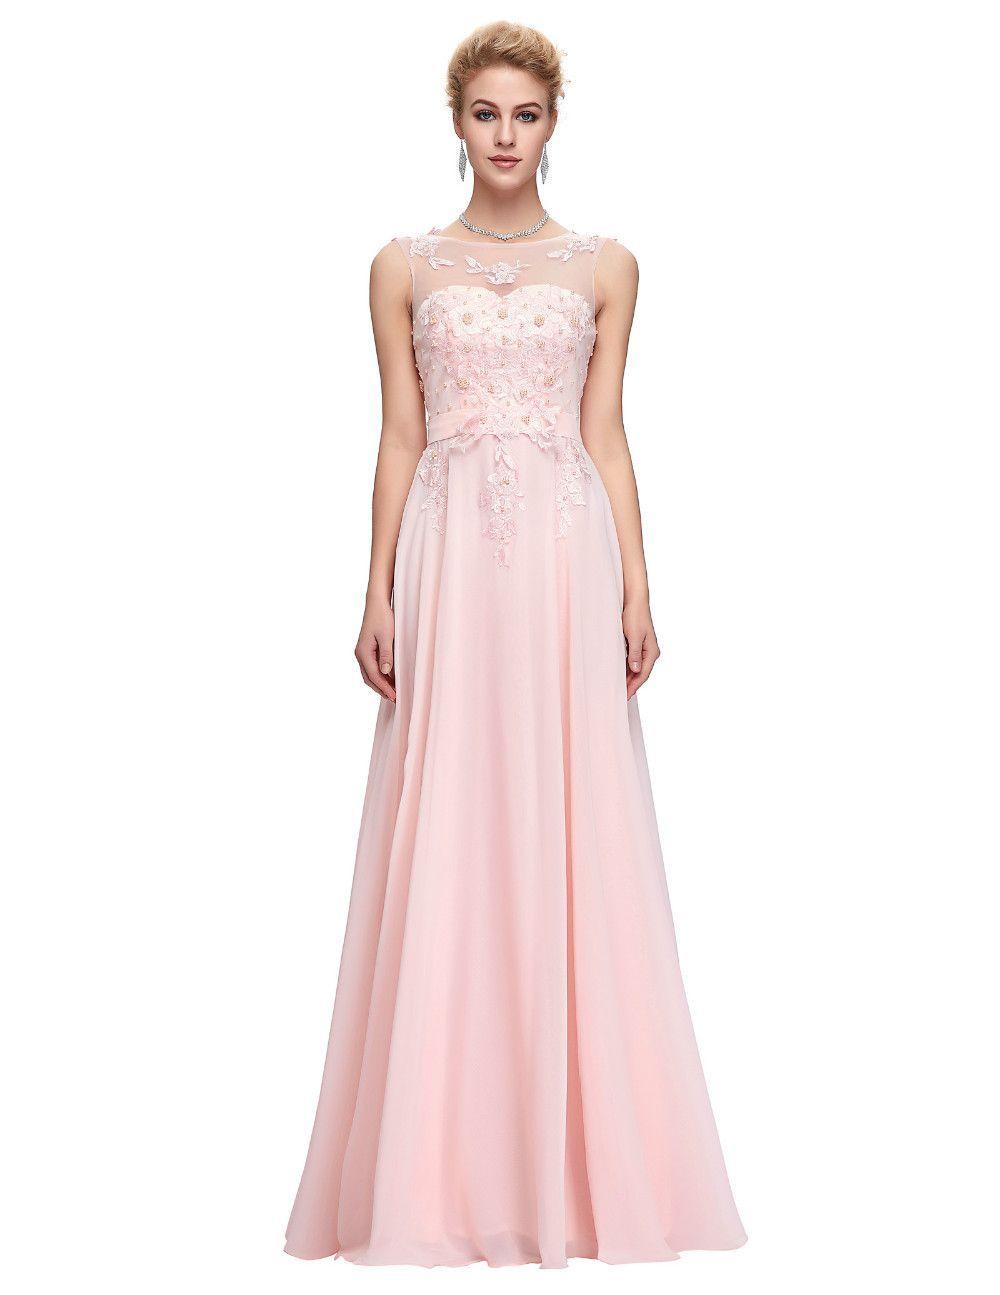 Sleeveless chiffon pink red royal blue black long bridesmaid dress